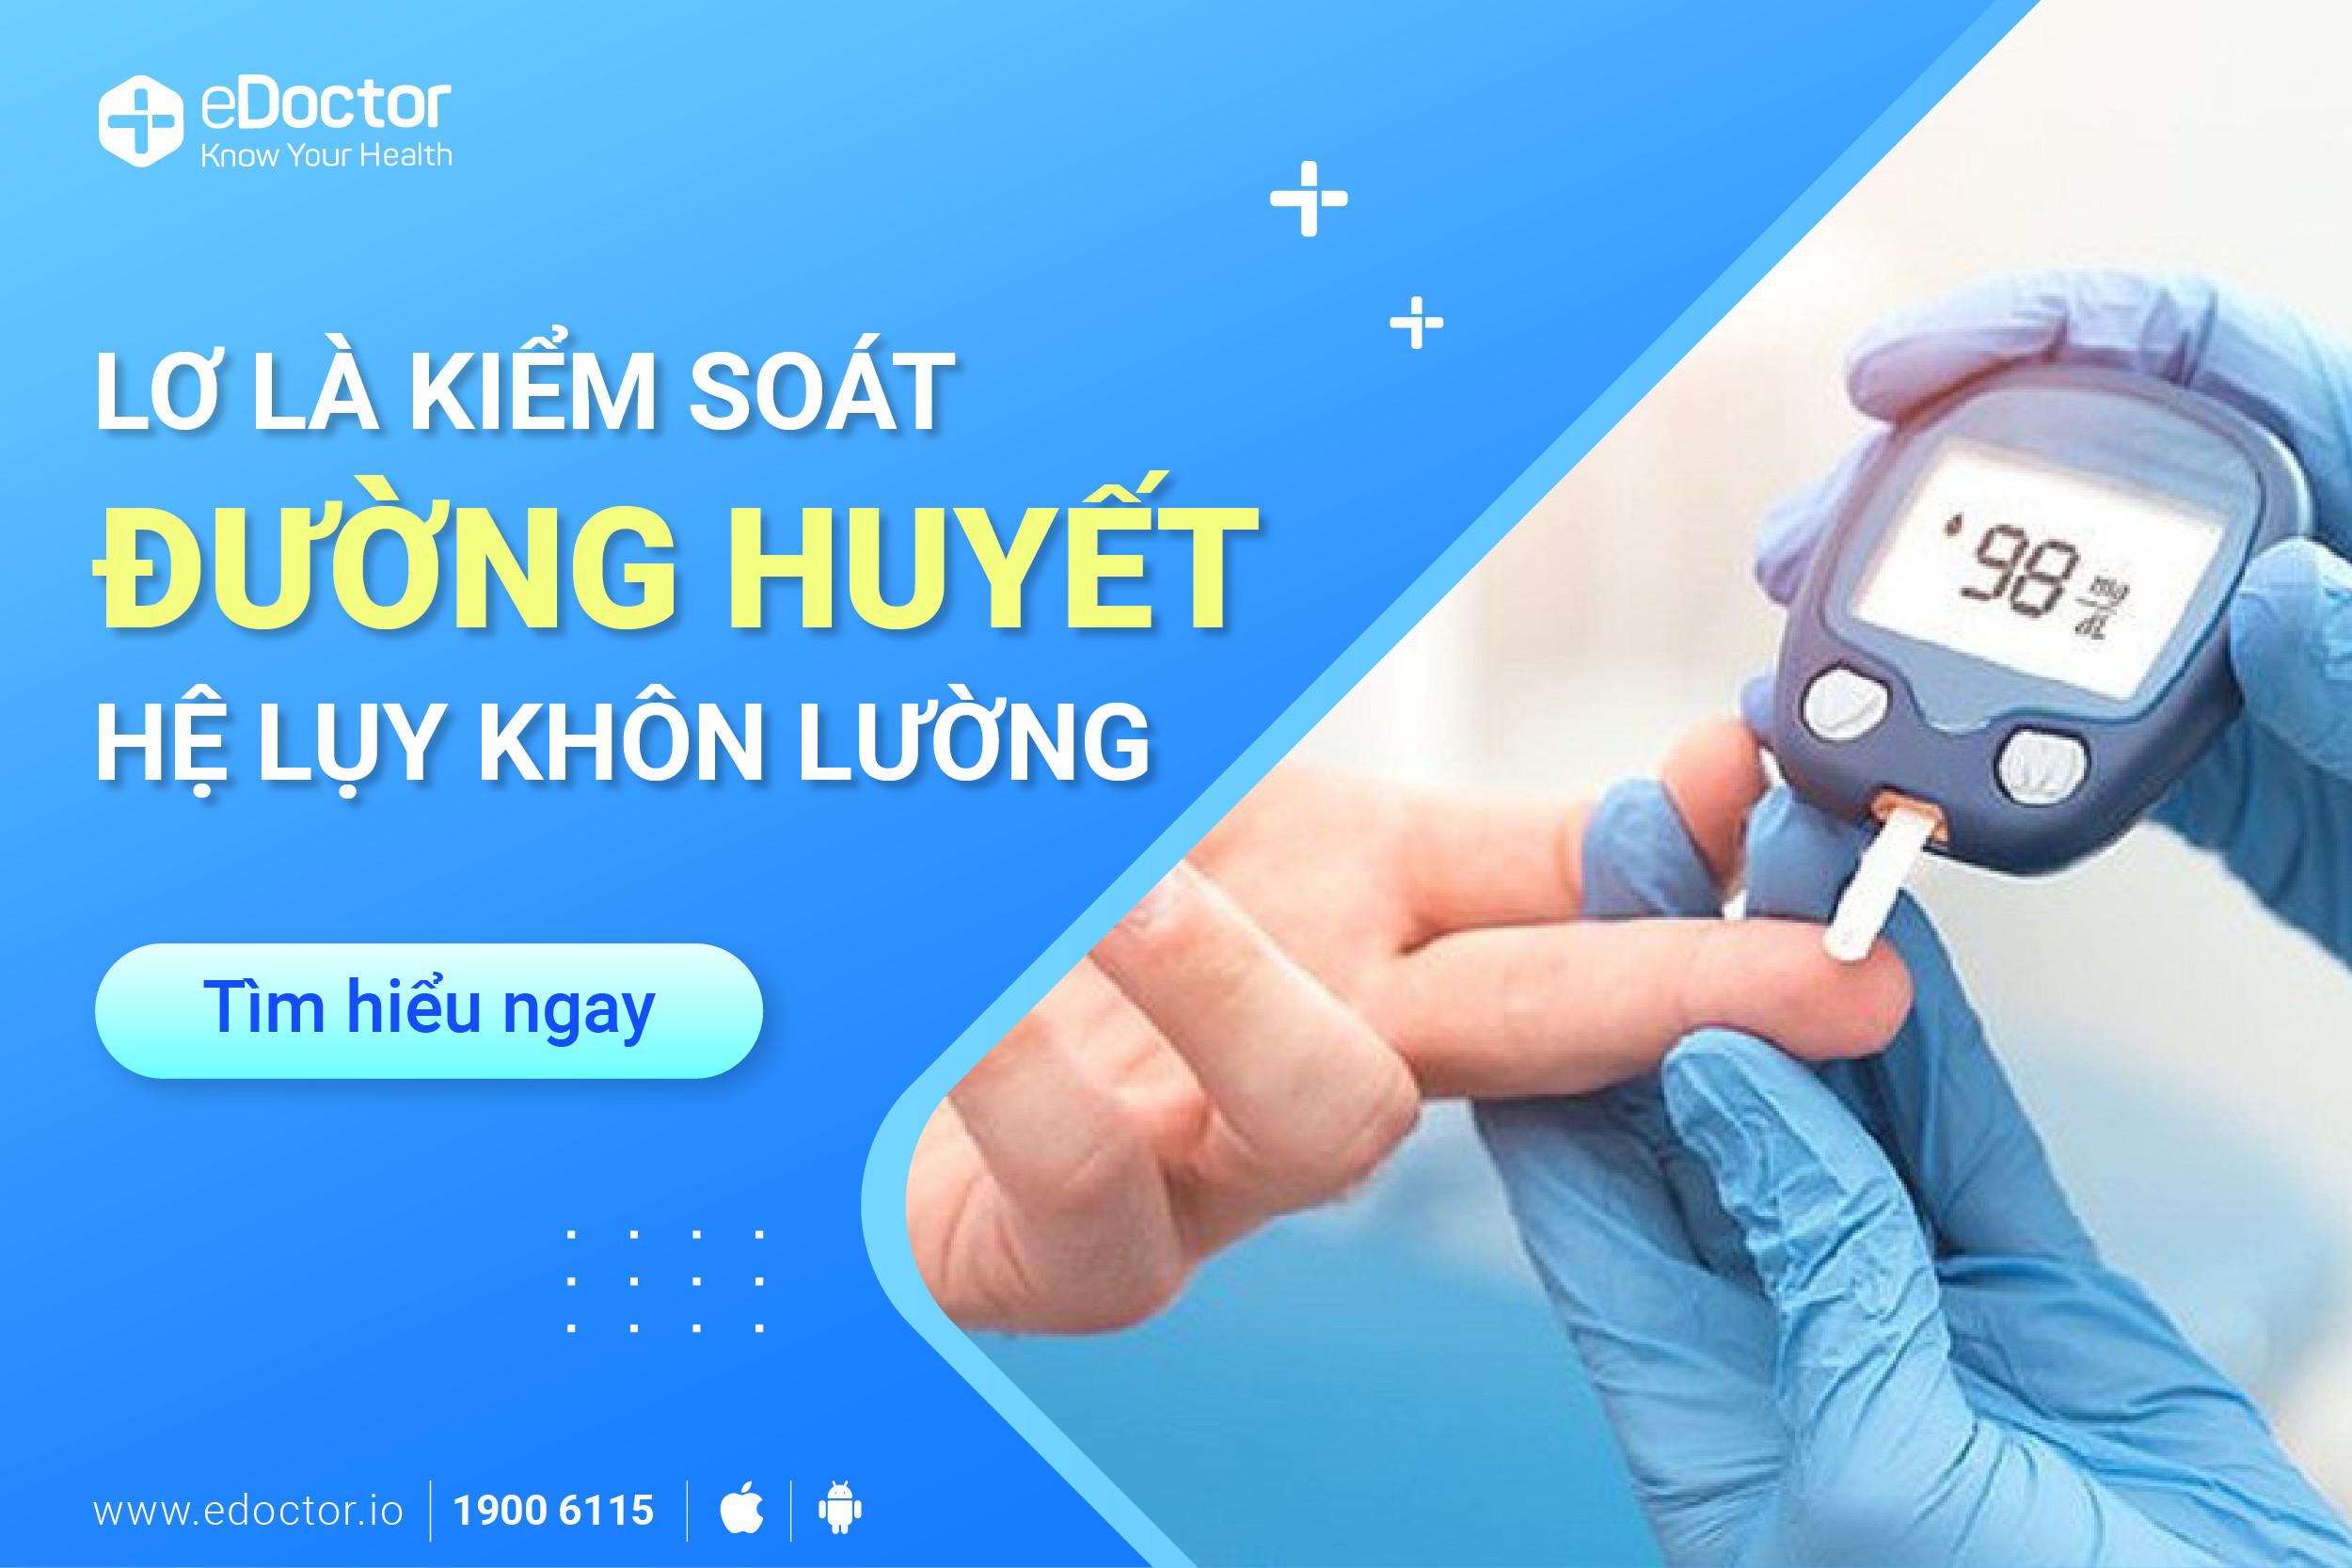 eDoctor - Biến chứng bệnh tiểu đường là do lơ là kiểm tra đường huyết